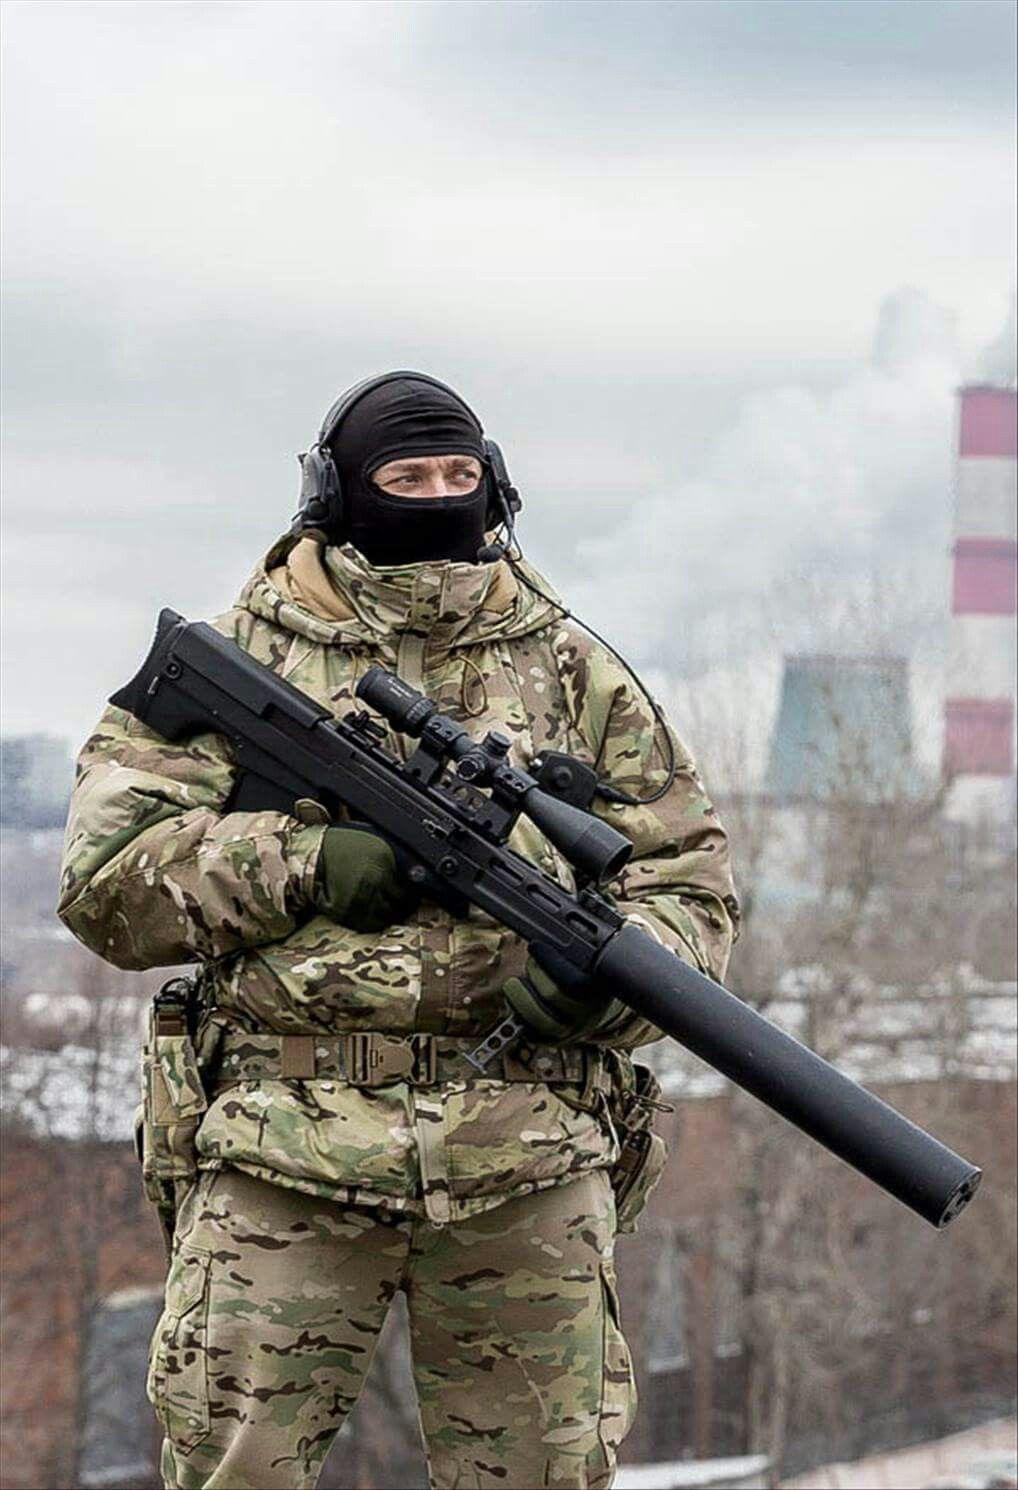 VKS/VSSK/Vykhlop -sniper rifle | Men | Pinterest | Ash, 50th and Guns